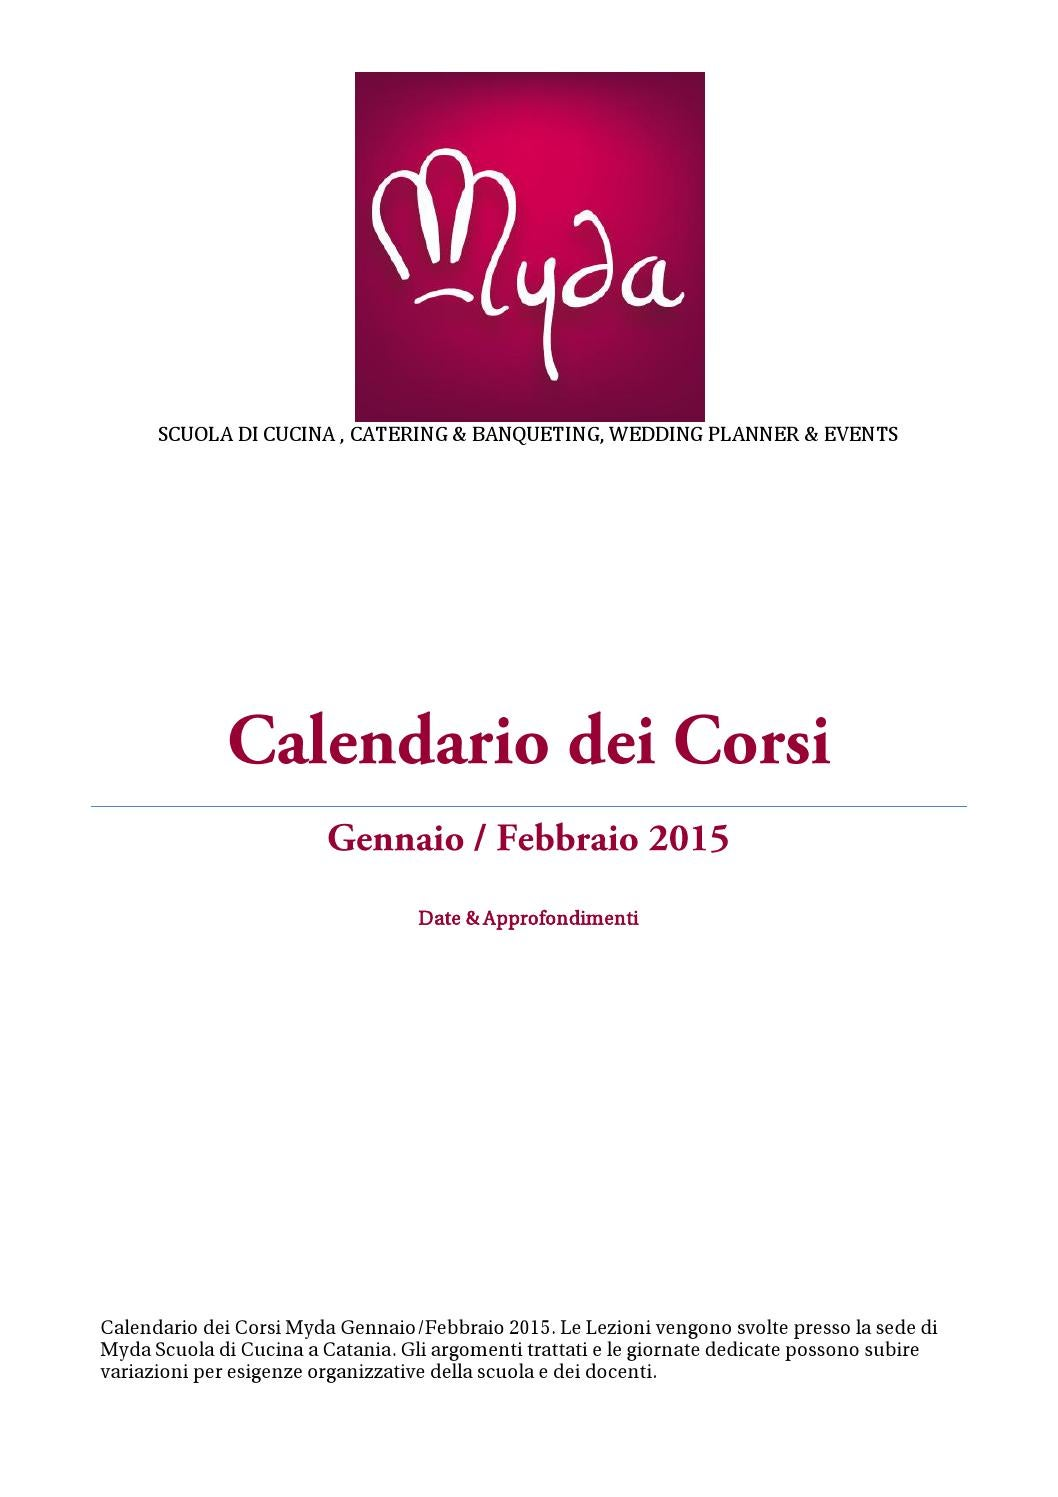 Calendario corsi di cucina myda catania gennaio febbraio 2015 agg18 12 2014 1745 by loredana - Corsi di cucina catania ...